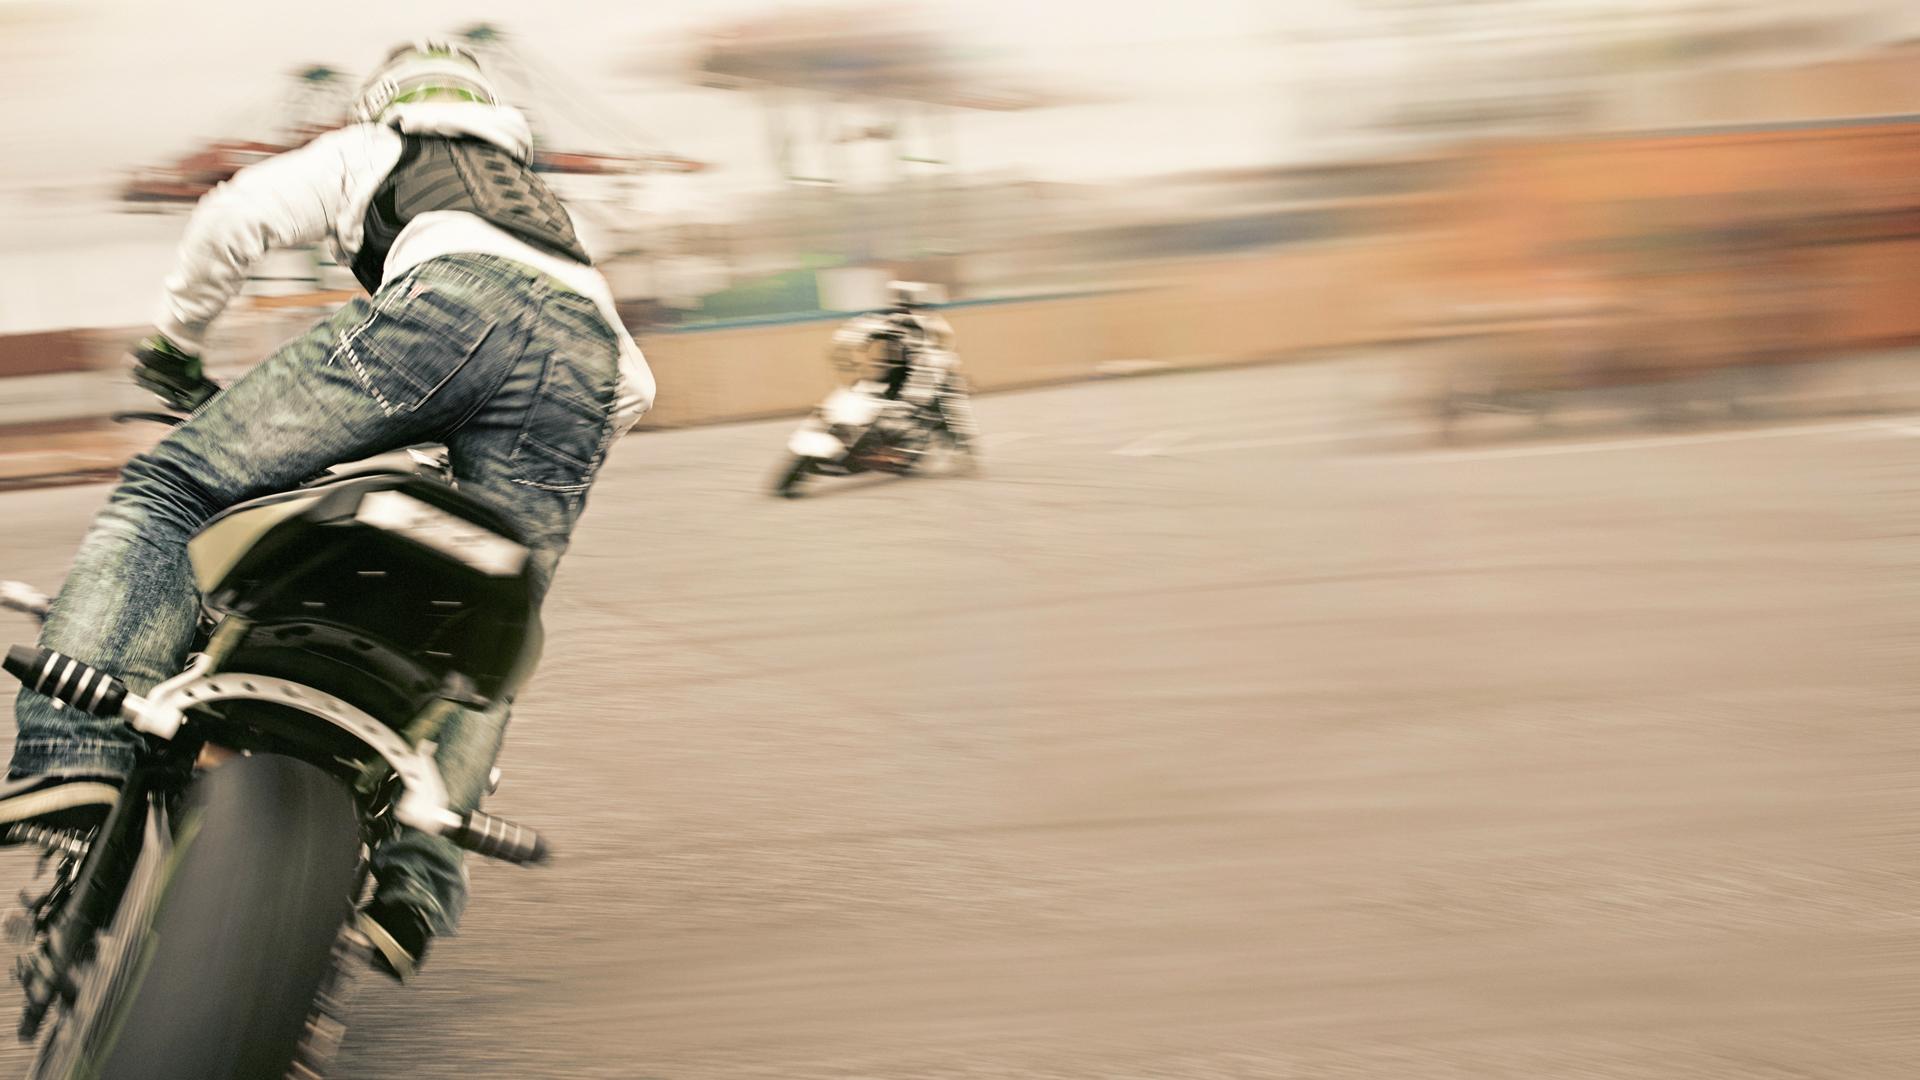 onno_stuntbiker04